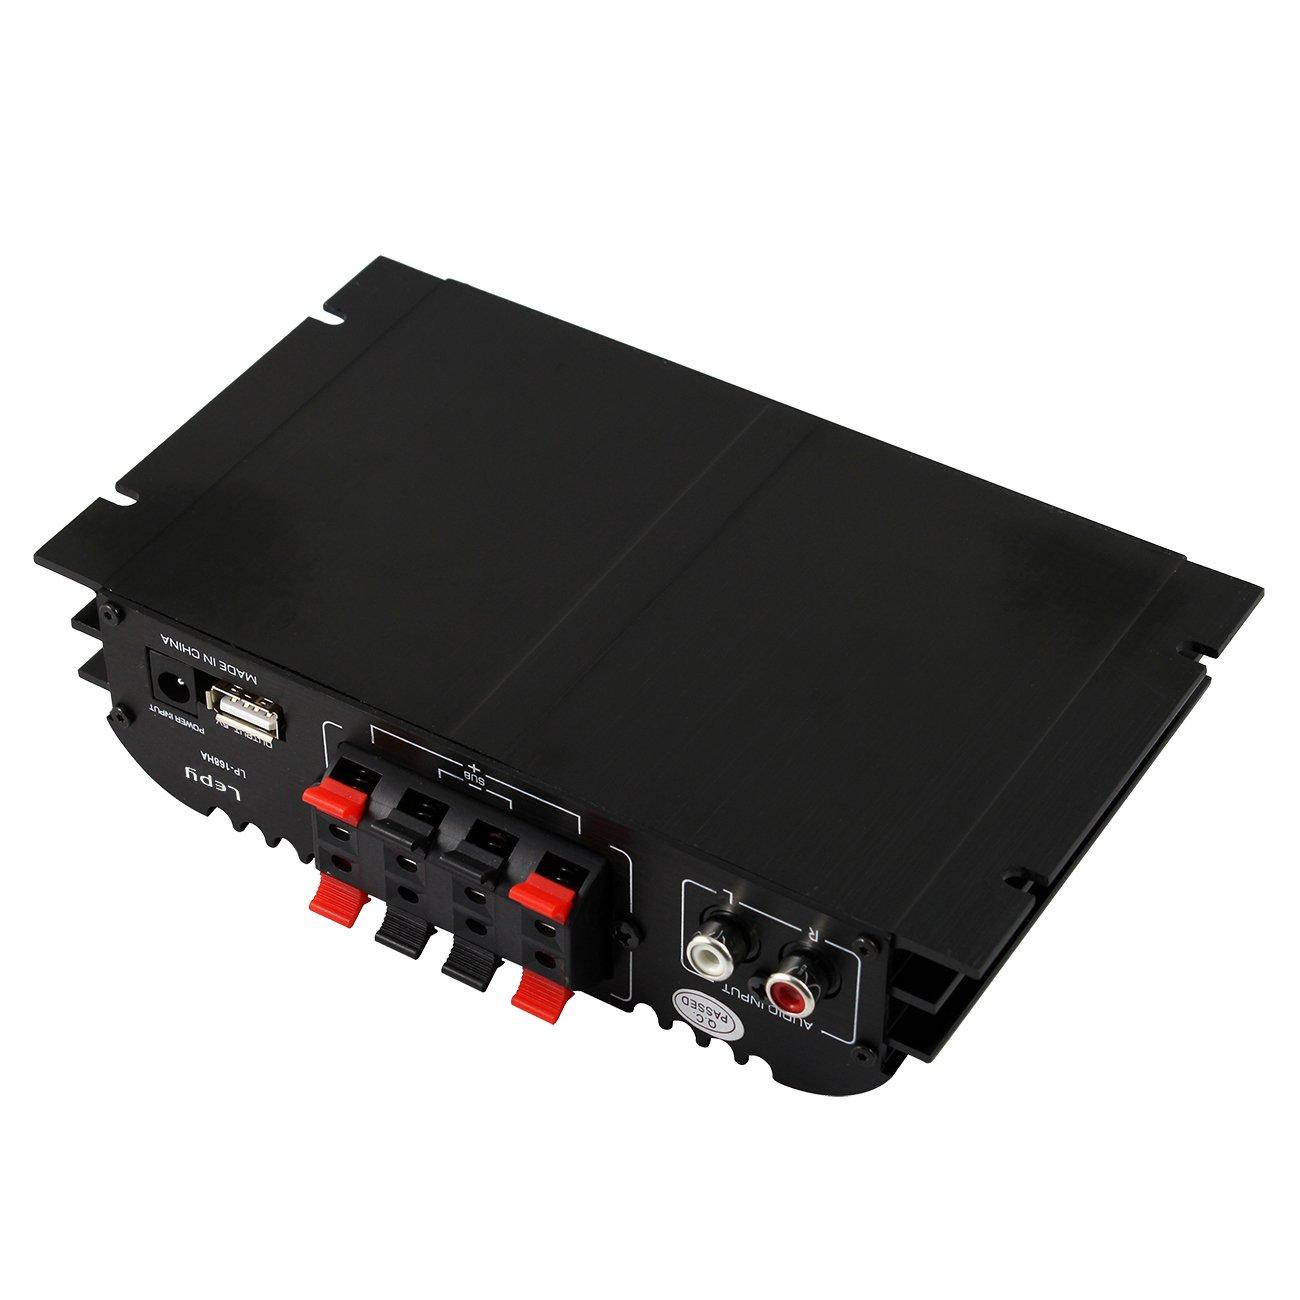 LEPY LP-168HA Amplificador Audio 40W Amplificador Estereo 2.1 mini Hi-Fi Amplificador para CD MD IPOD MP3 MP4: Amazon.es: Electrónica